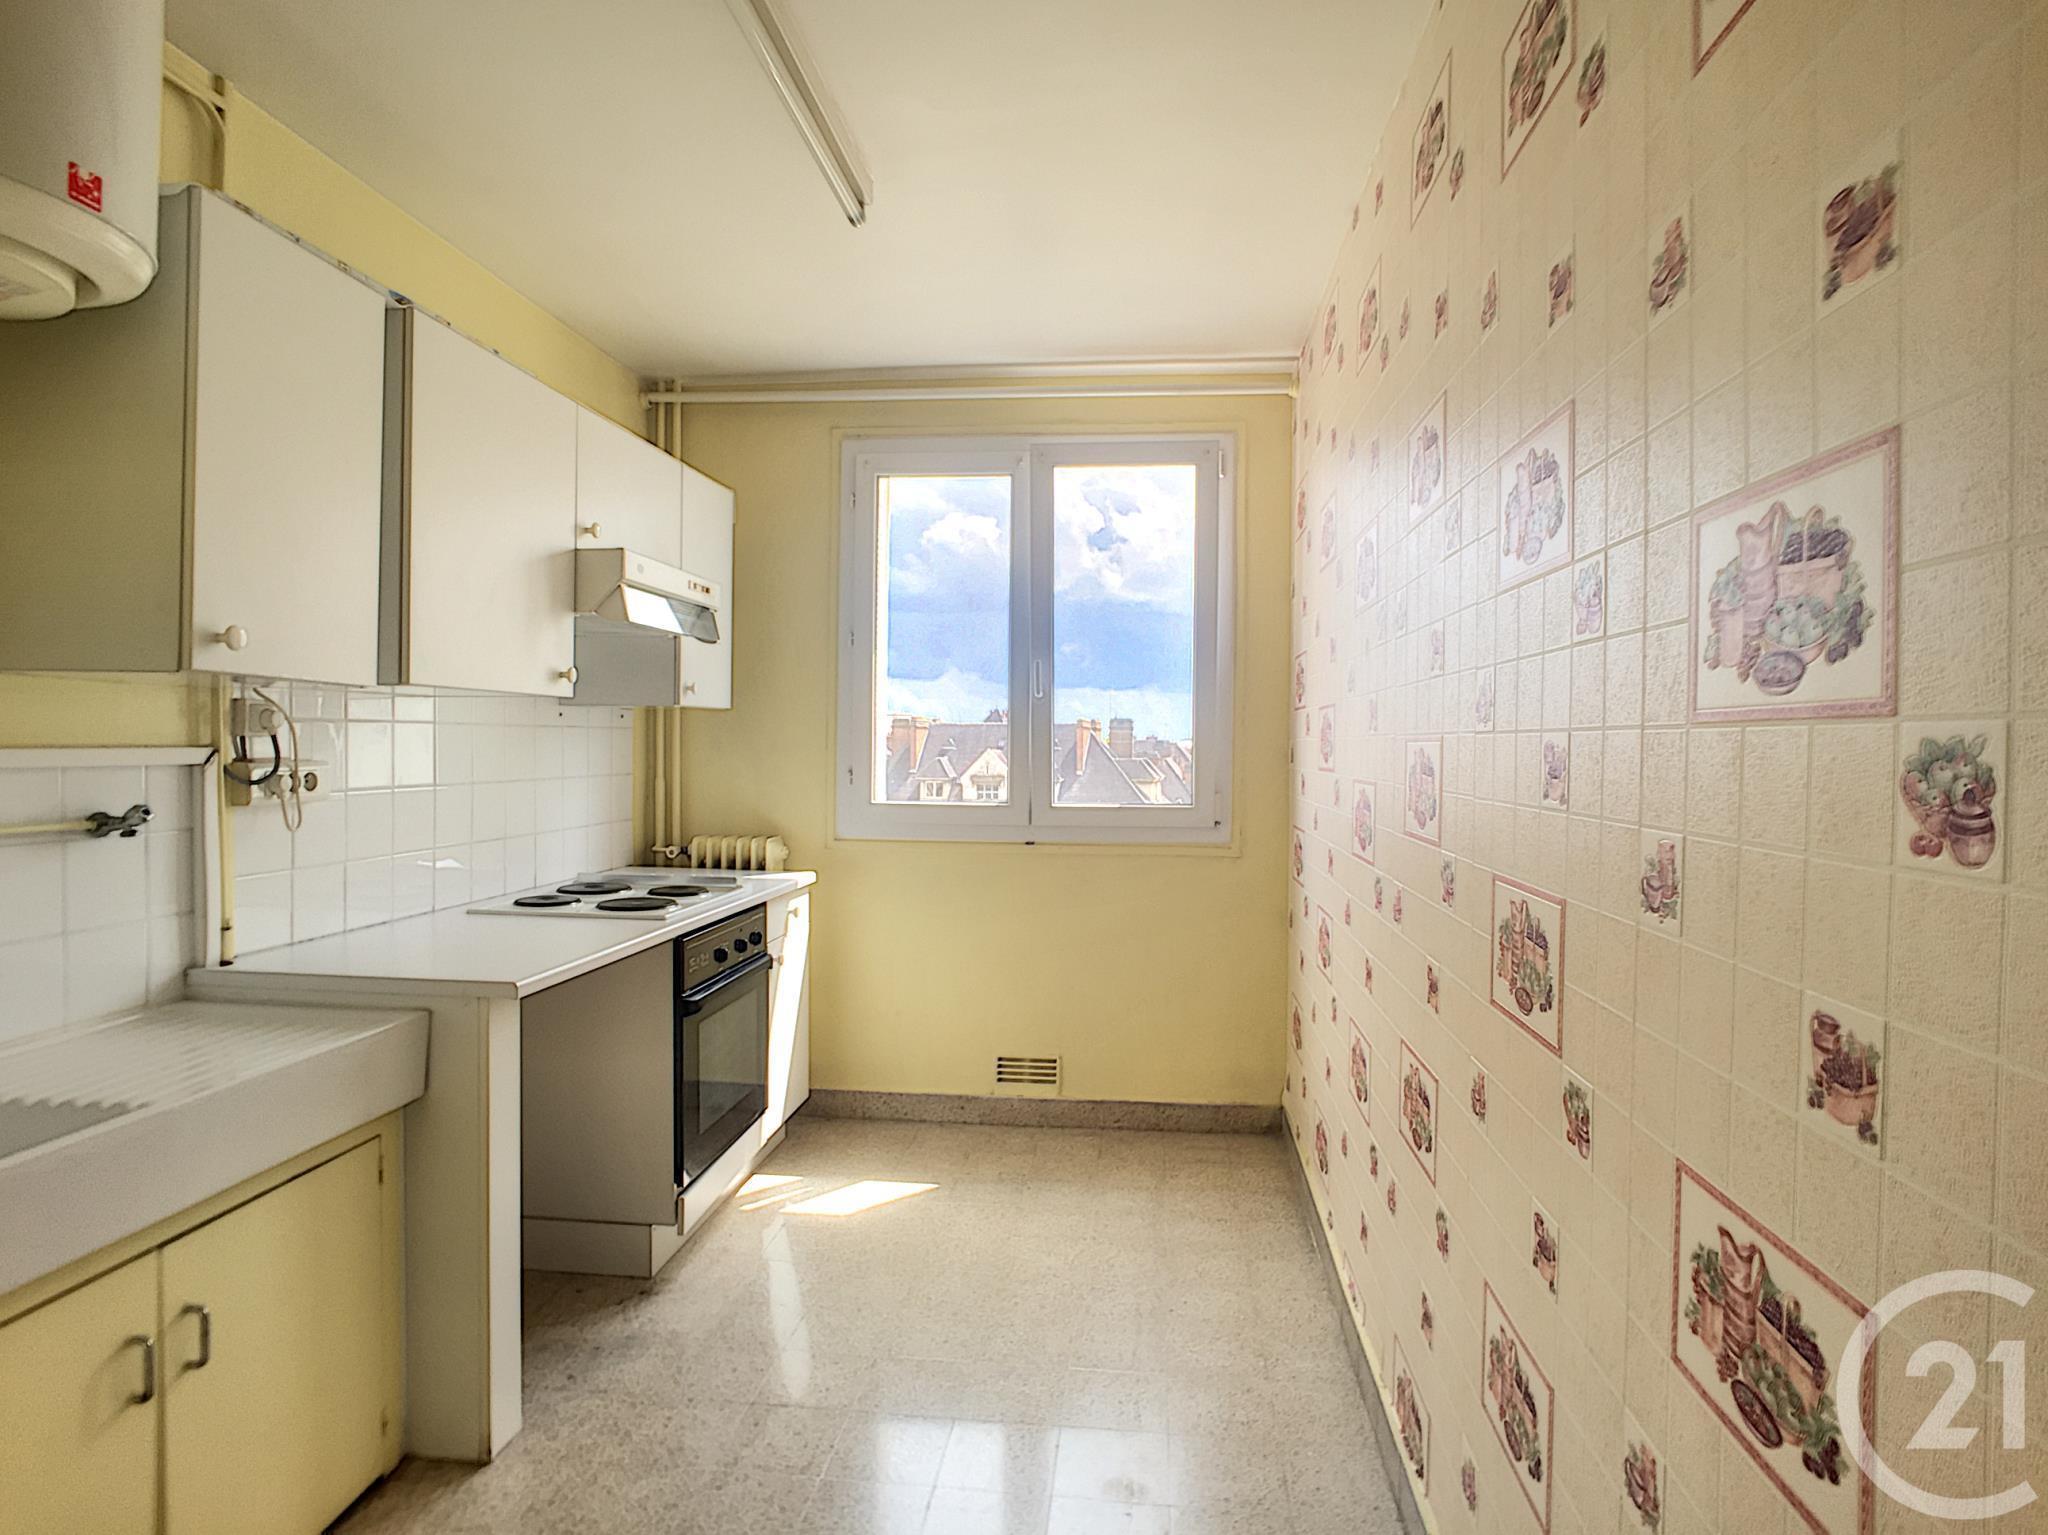 appartement f3 vendre 3 pi ces 56 m2 troyes 10. Black Bedroom Furniture Sets. Home Design Ideas